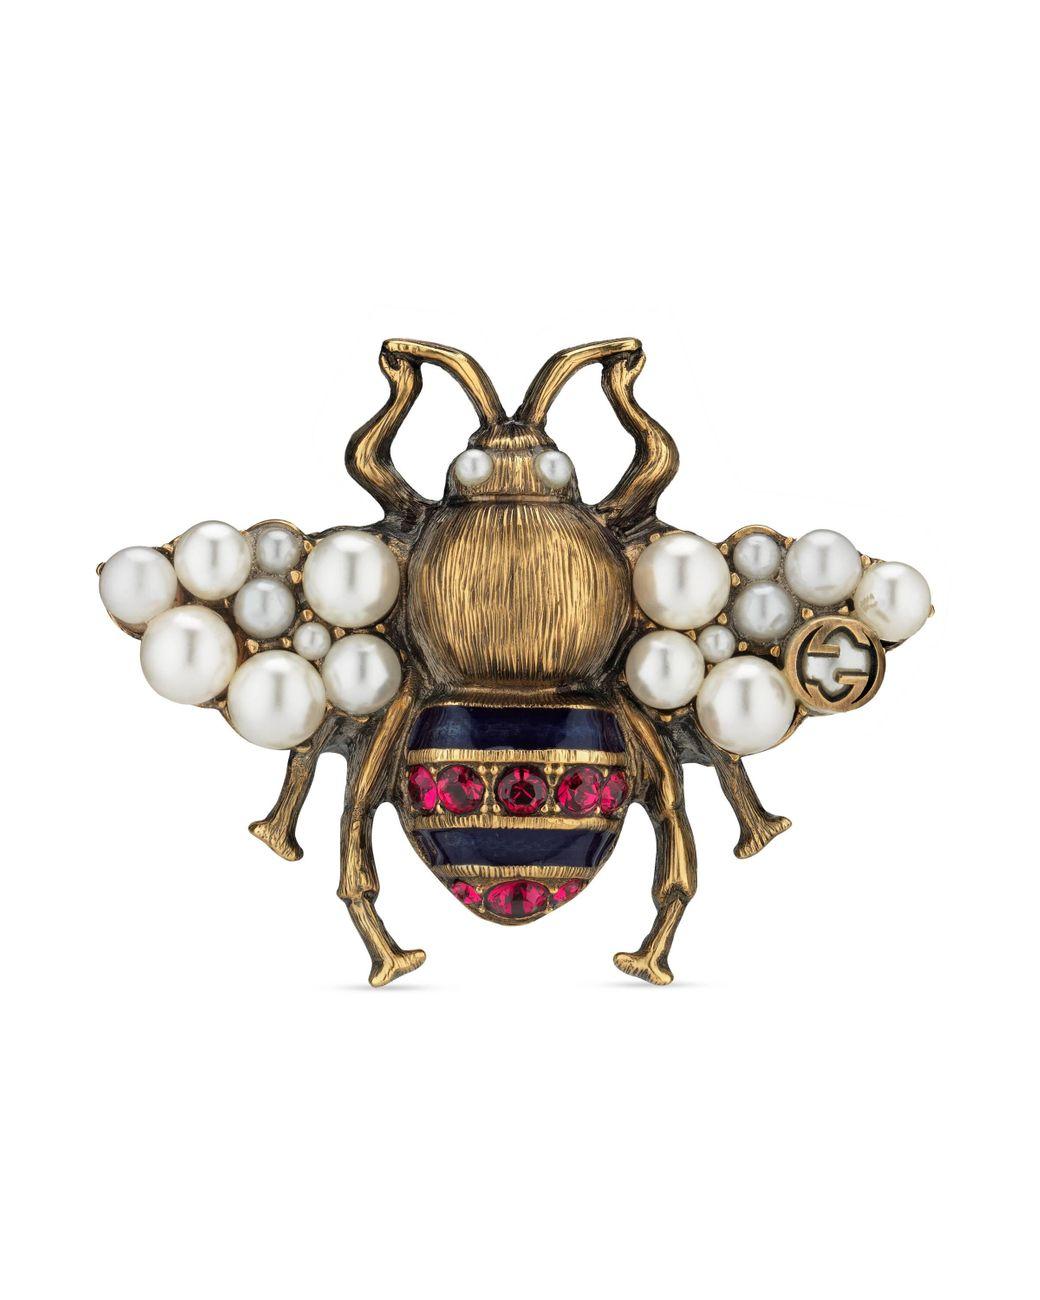 gucci-Acabado-dorado-envejecido-Anillo-de-Abeja-con-Cristales-y-Perlas-1